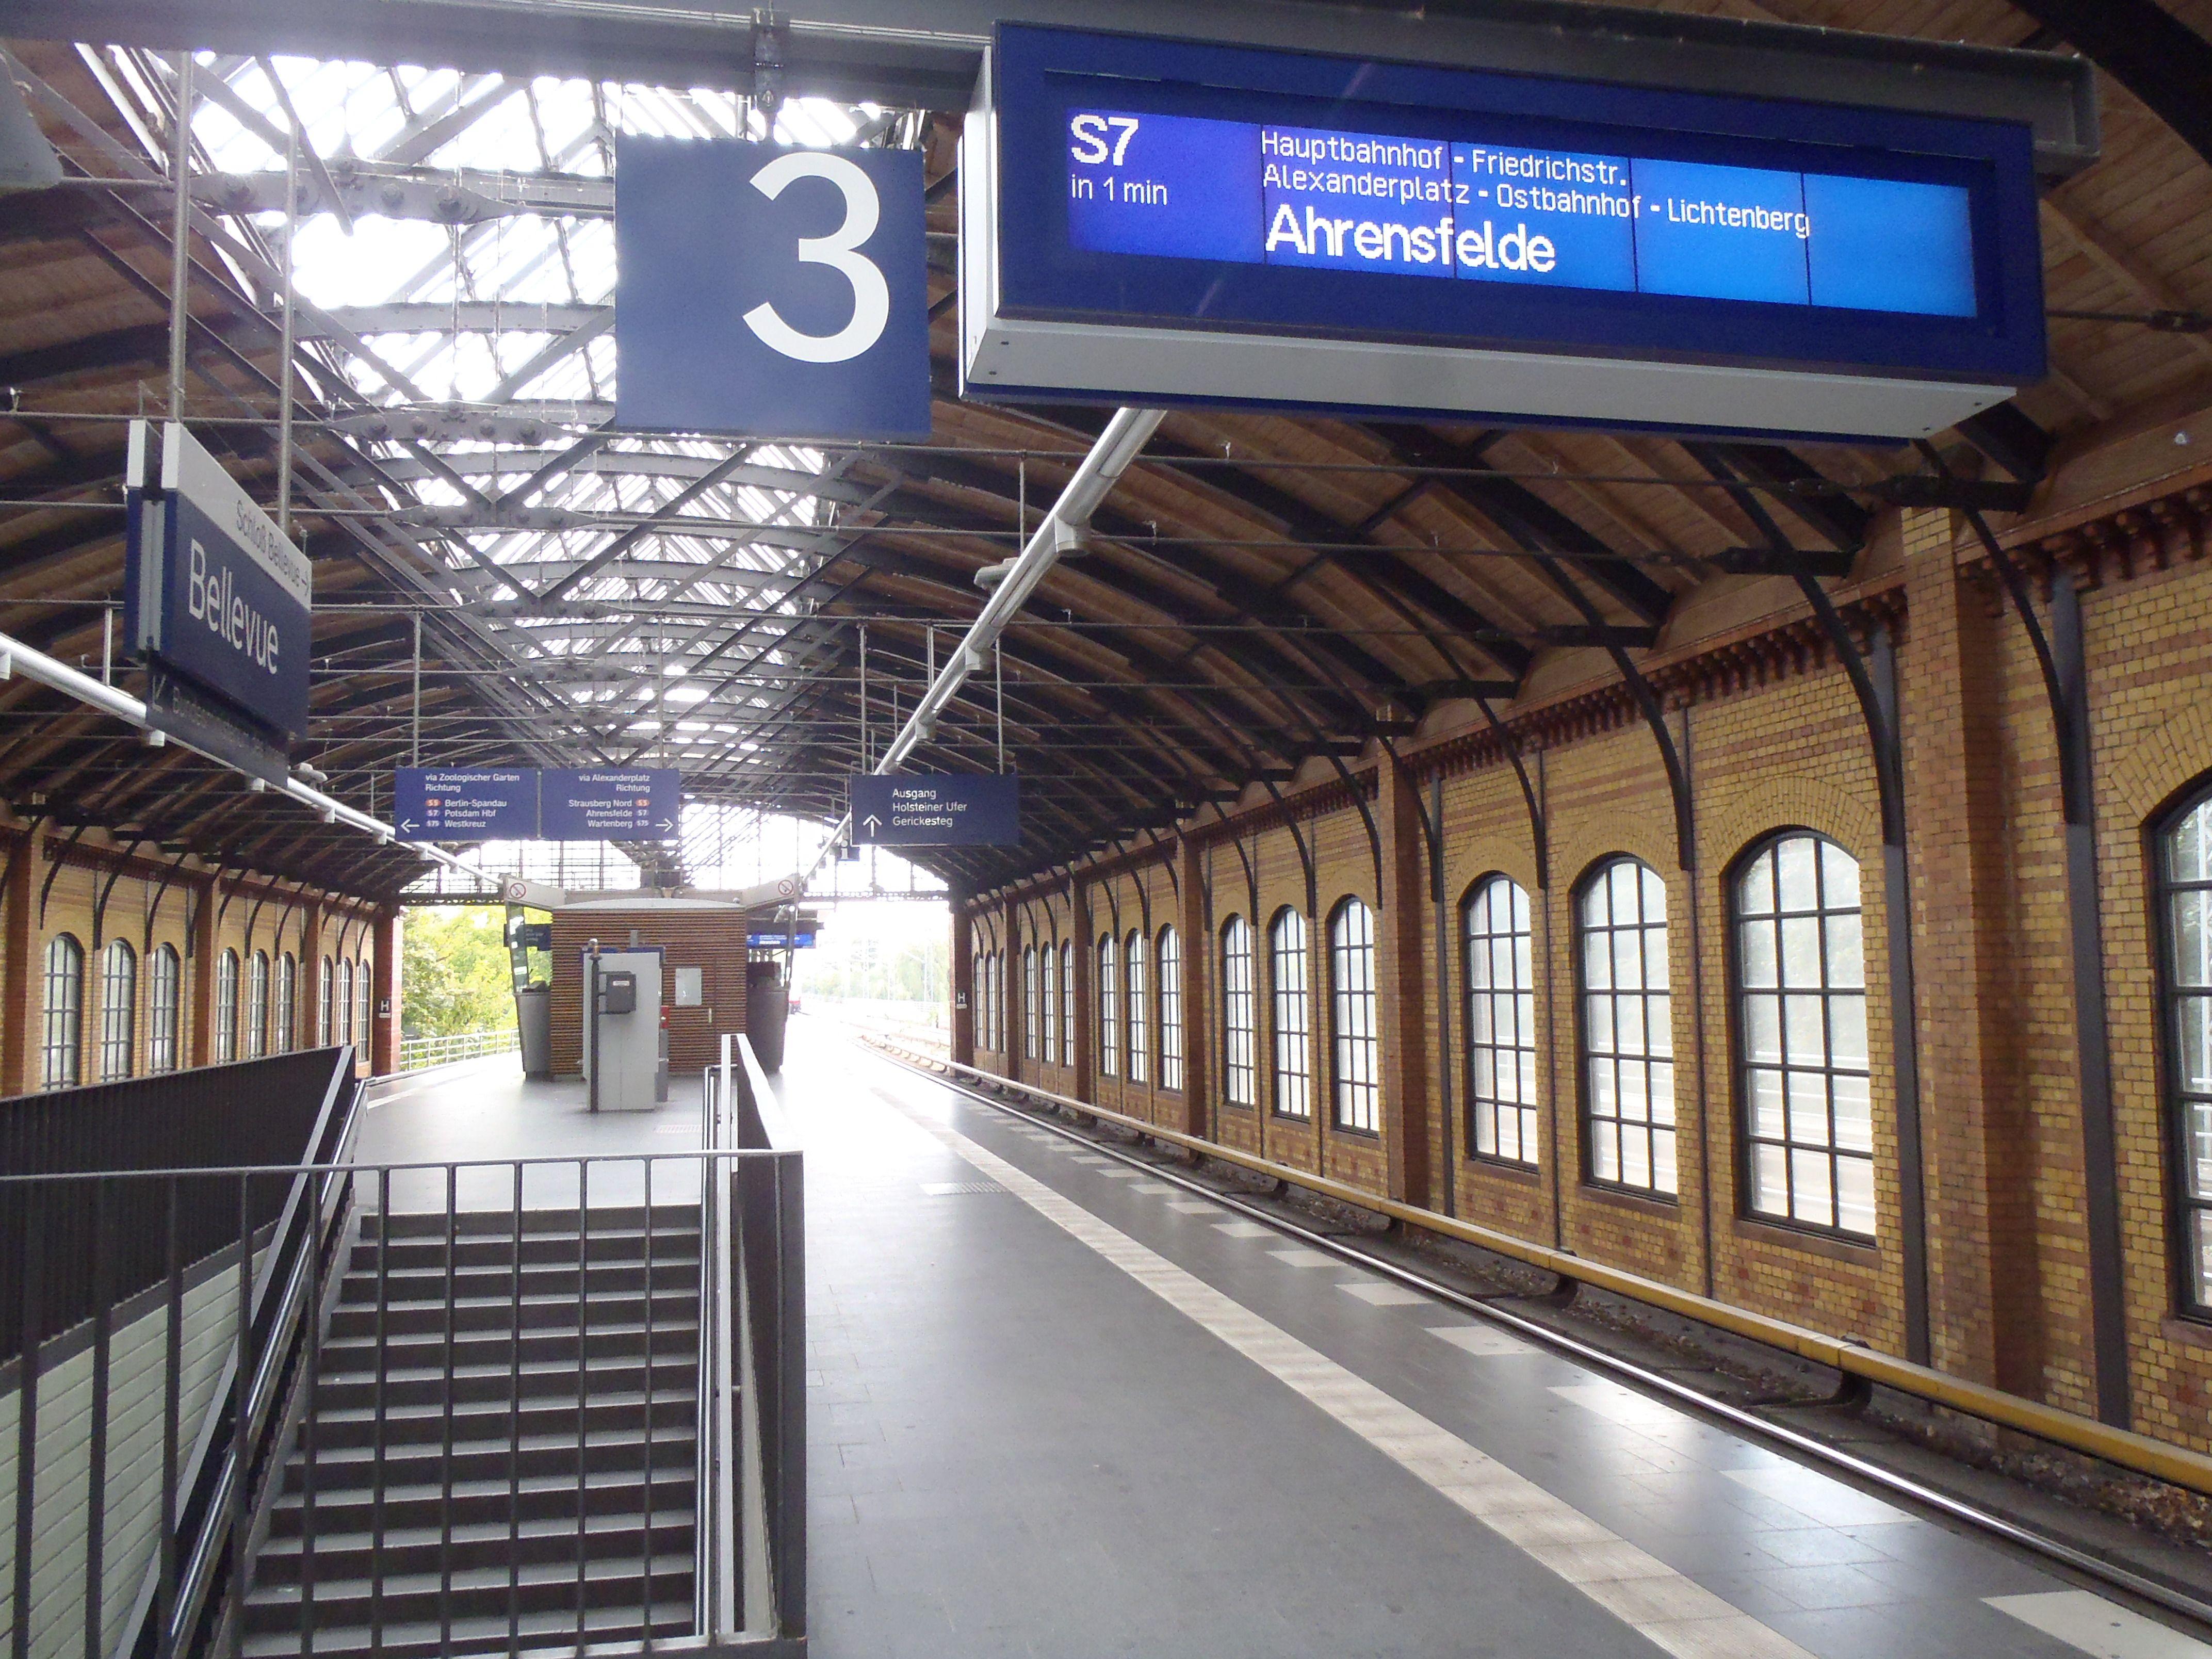 Bellevue Train Station In Berlin Germany Berlin Train Station Train